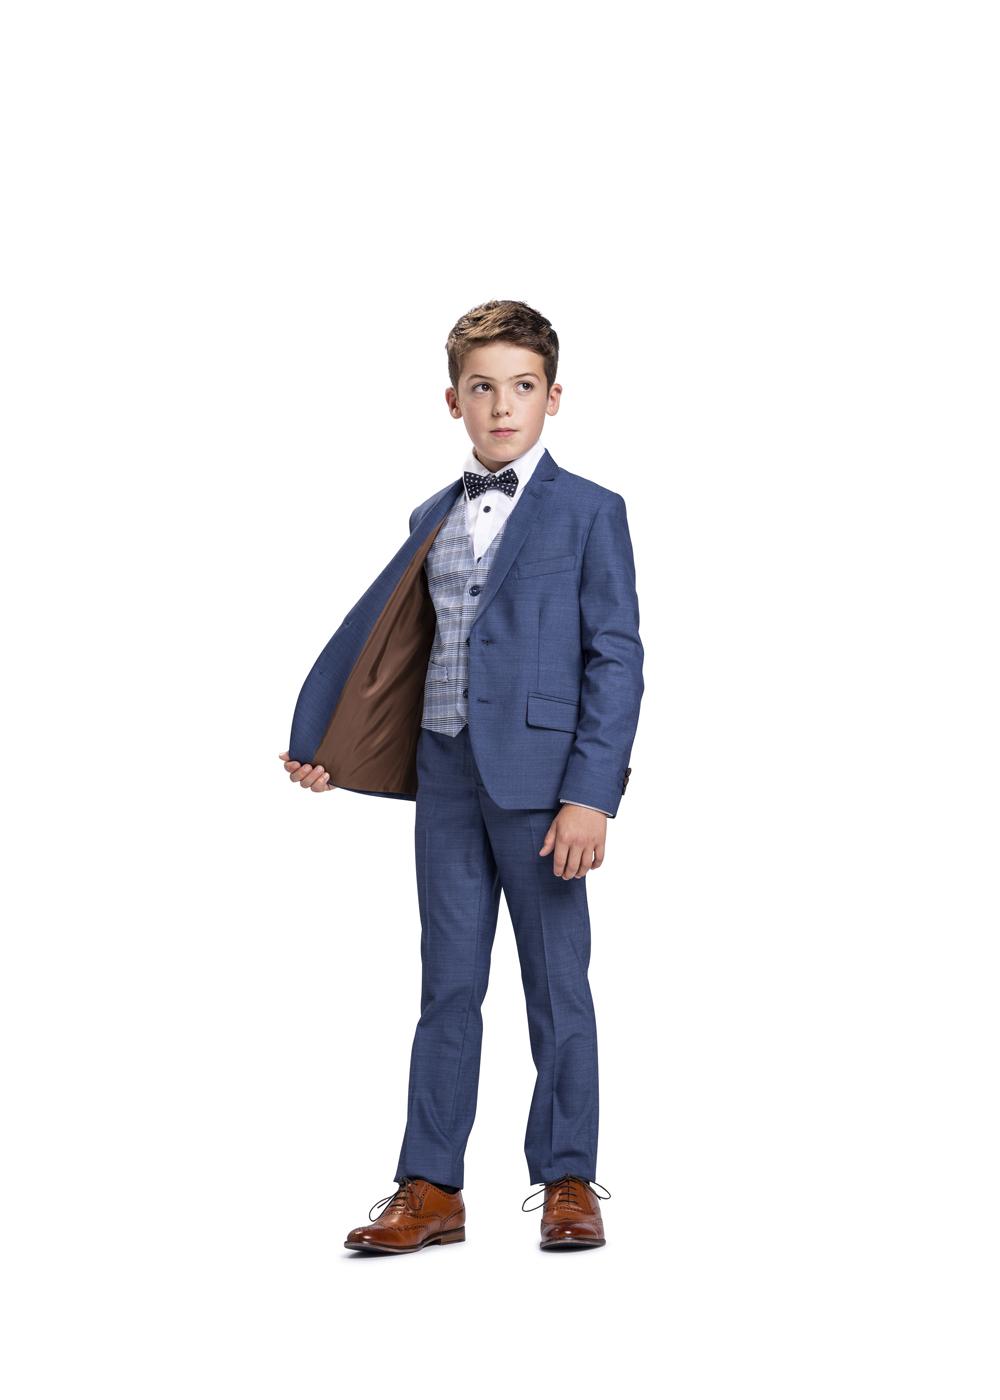 Lässig moderner Kommunionanzug für Jungen von Weise Junior - Modell 7517551. Klassisch modern und doch lässig ist der mittelblaue Anzug mit karrierter Weste.